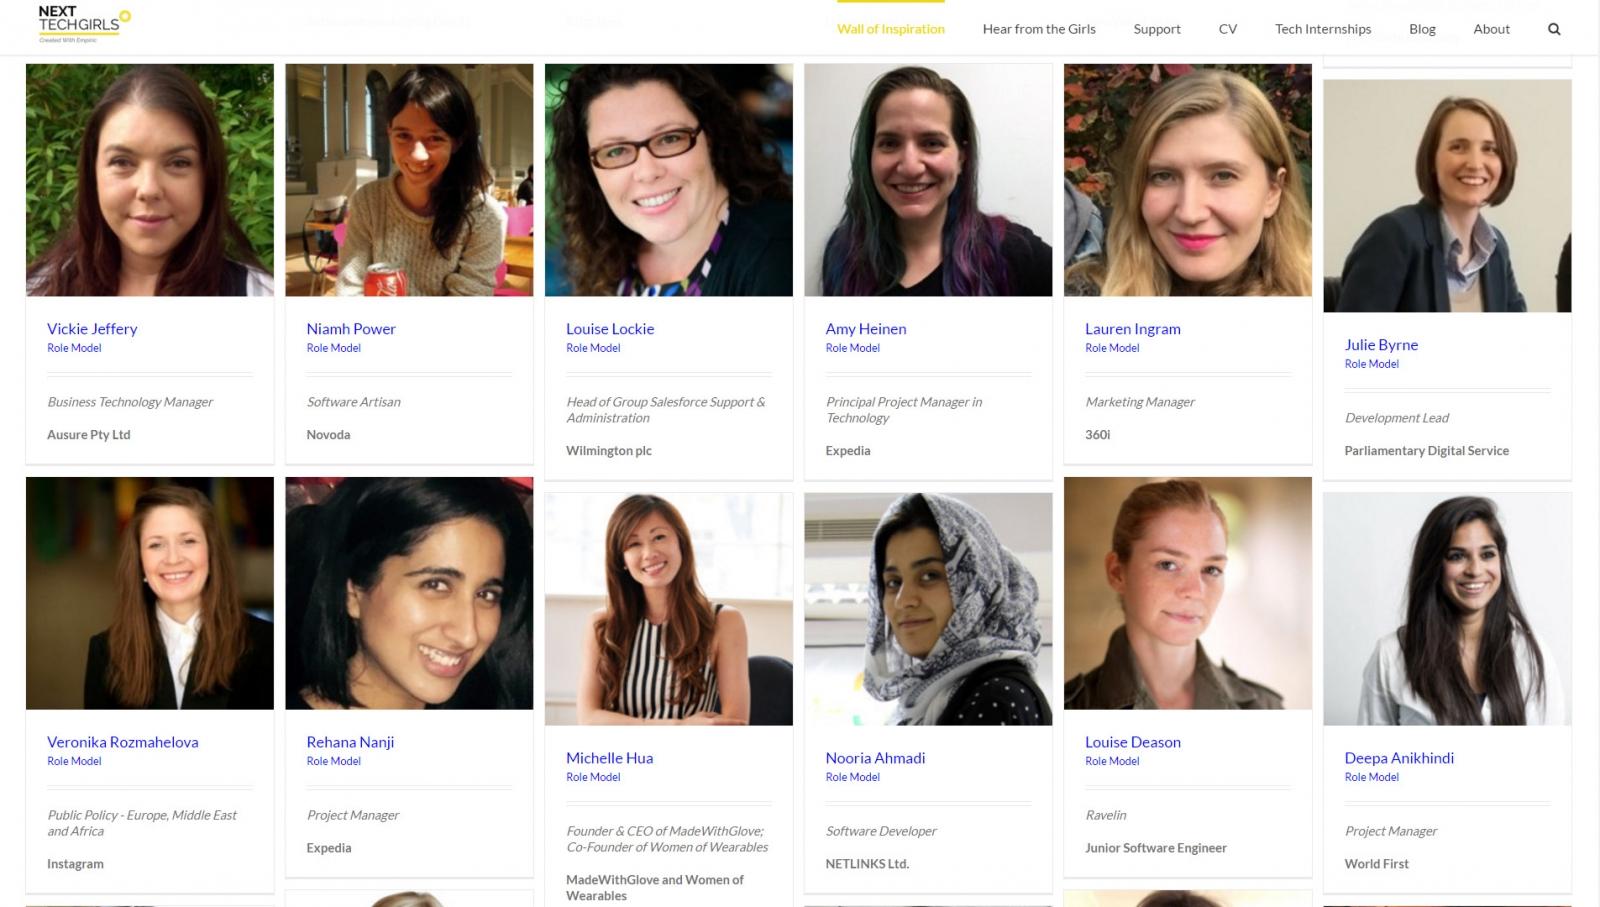 Next Tech Girls role models